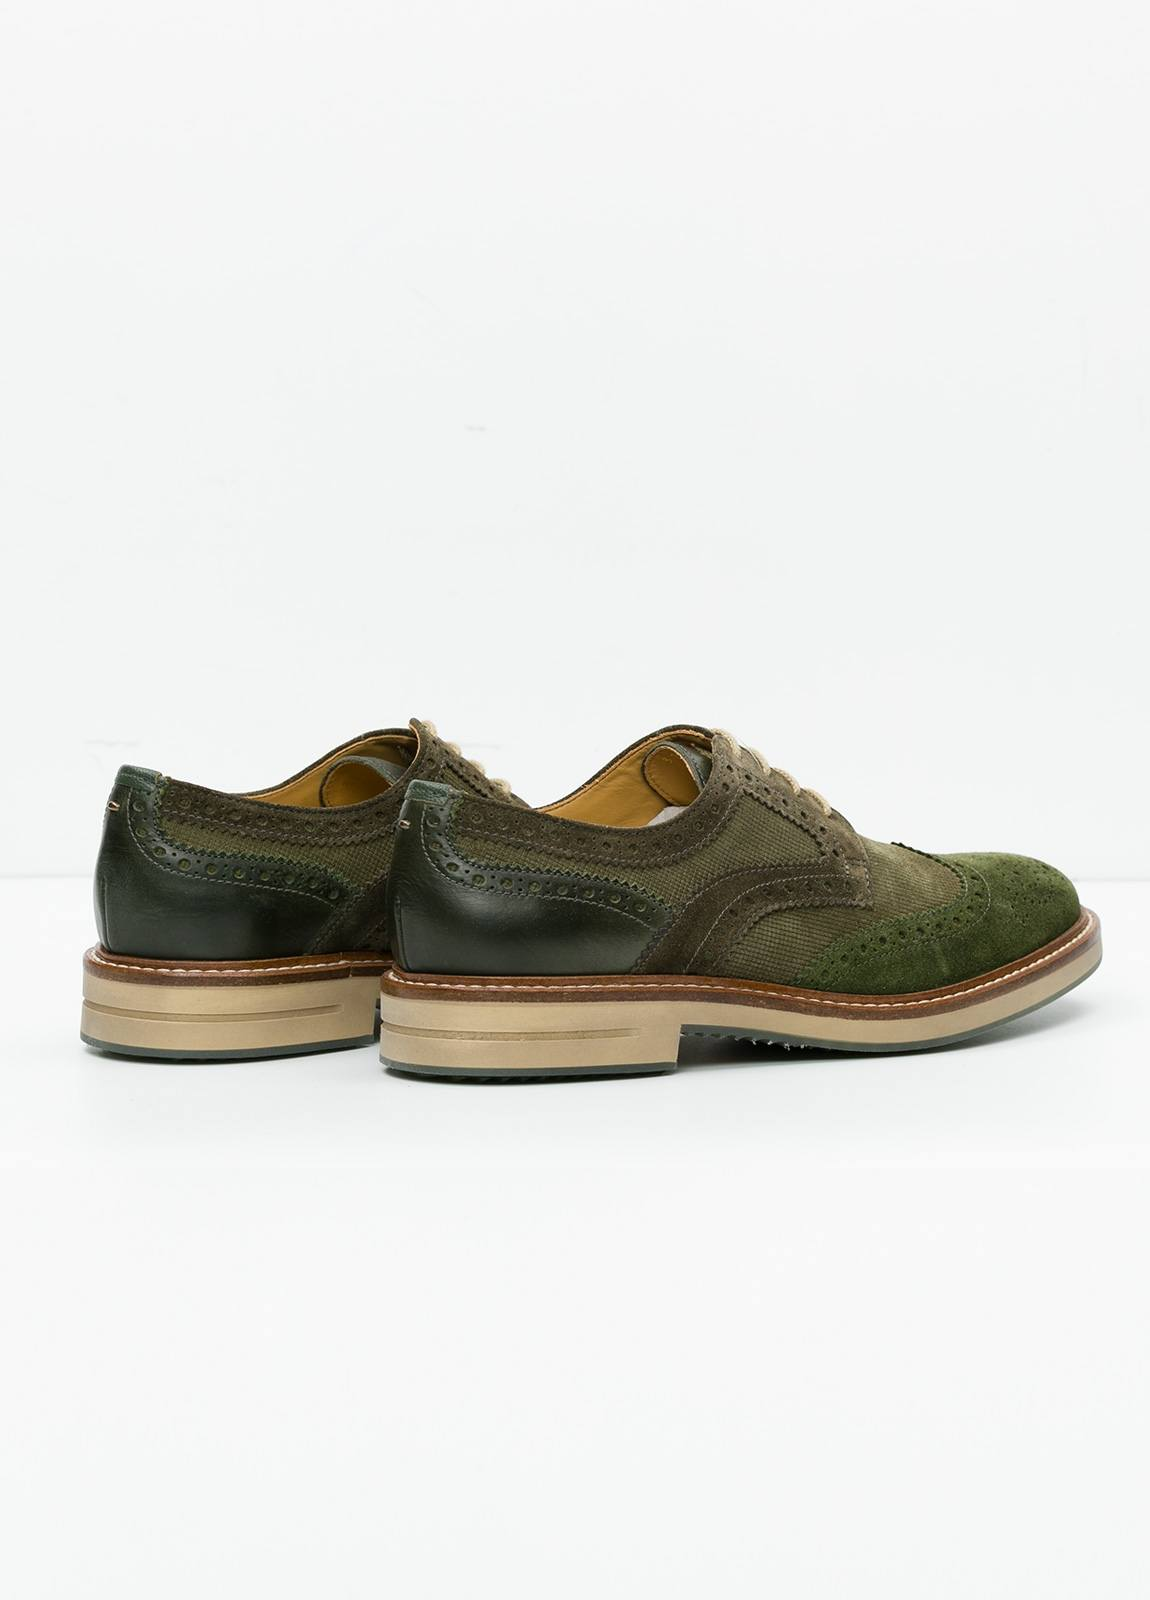 Zapato Sport Wear color kaki. Combinación de serraje y piel con troquelado. - Ítem2